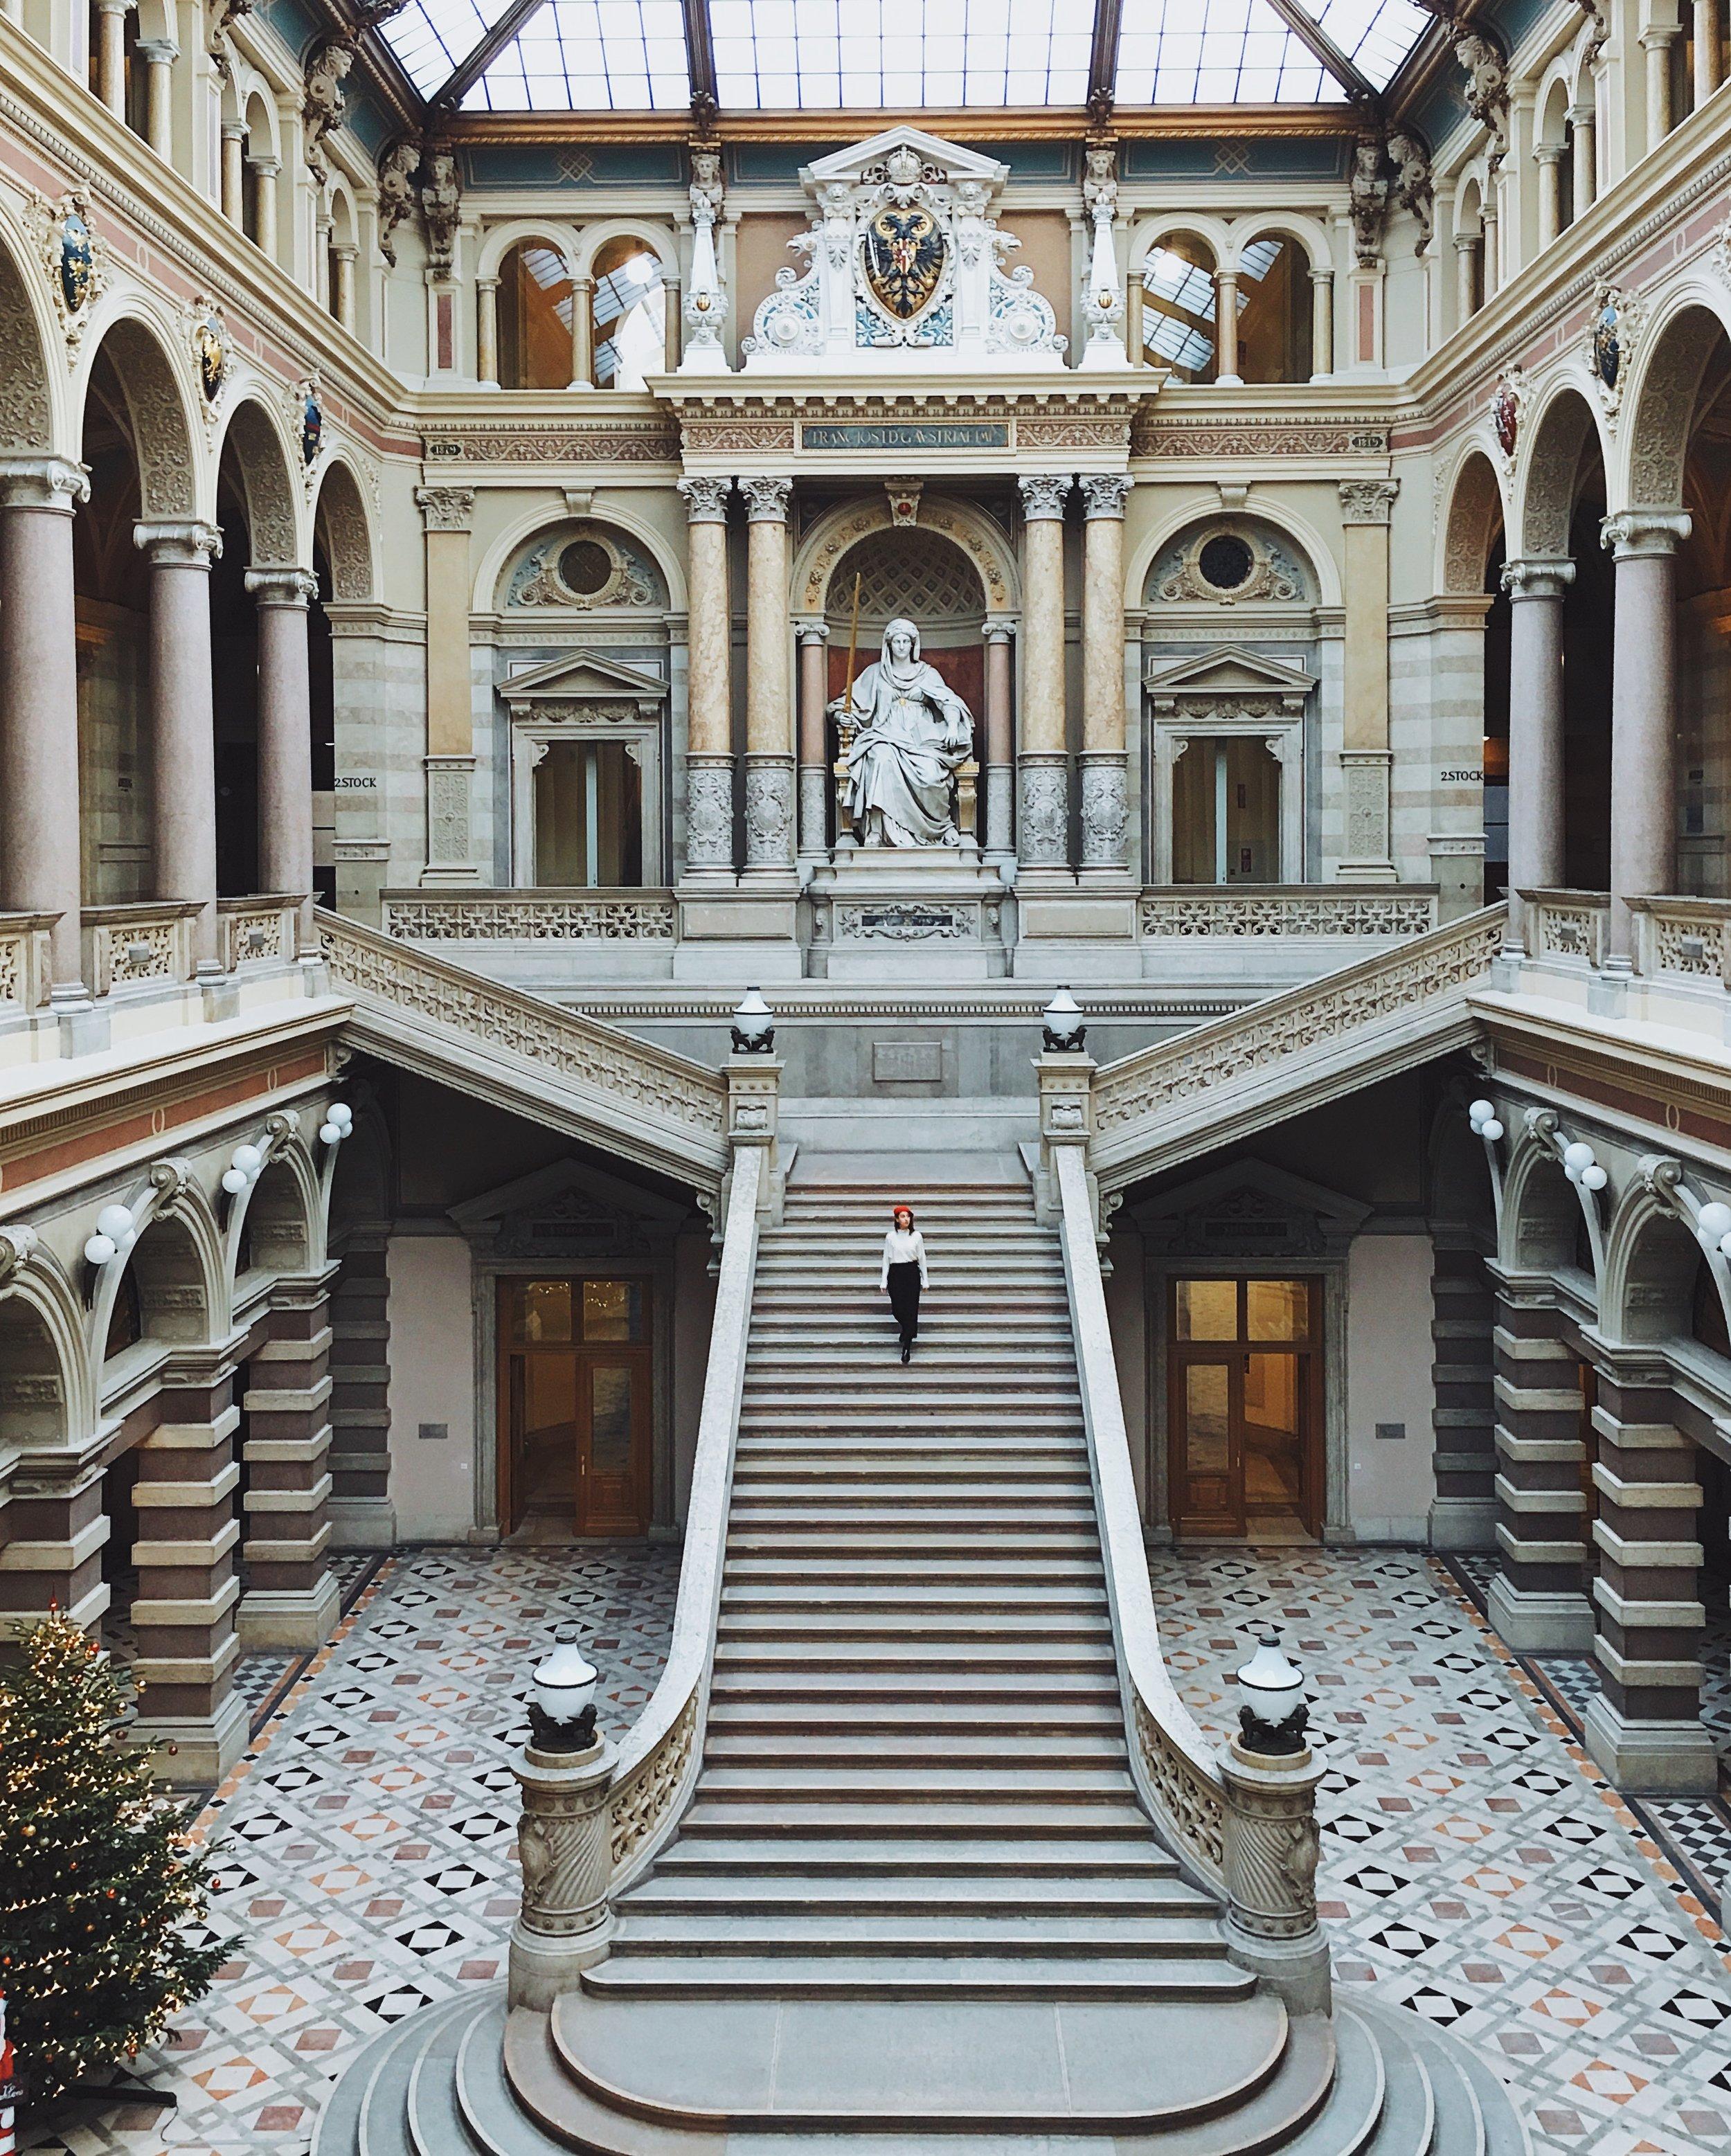 Austrian Supreme Court: foto che non può mancare nelle vostre gallerie Instagram!